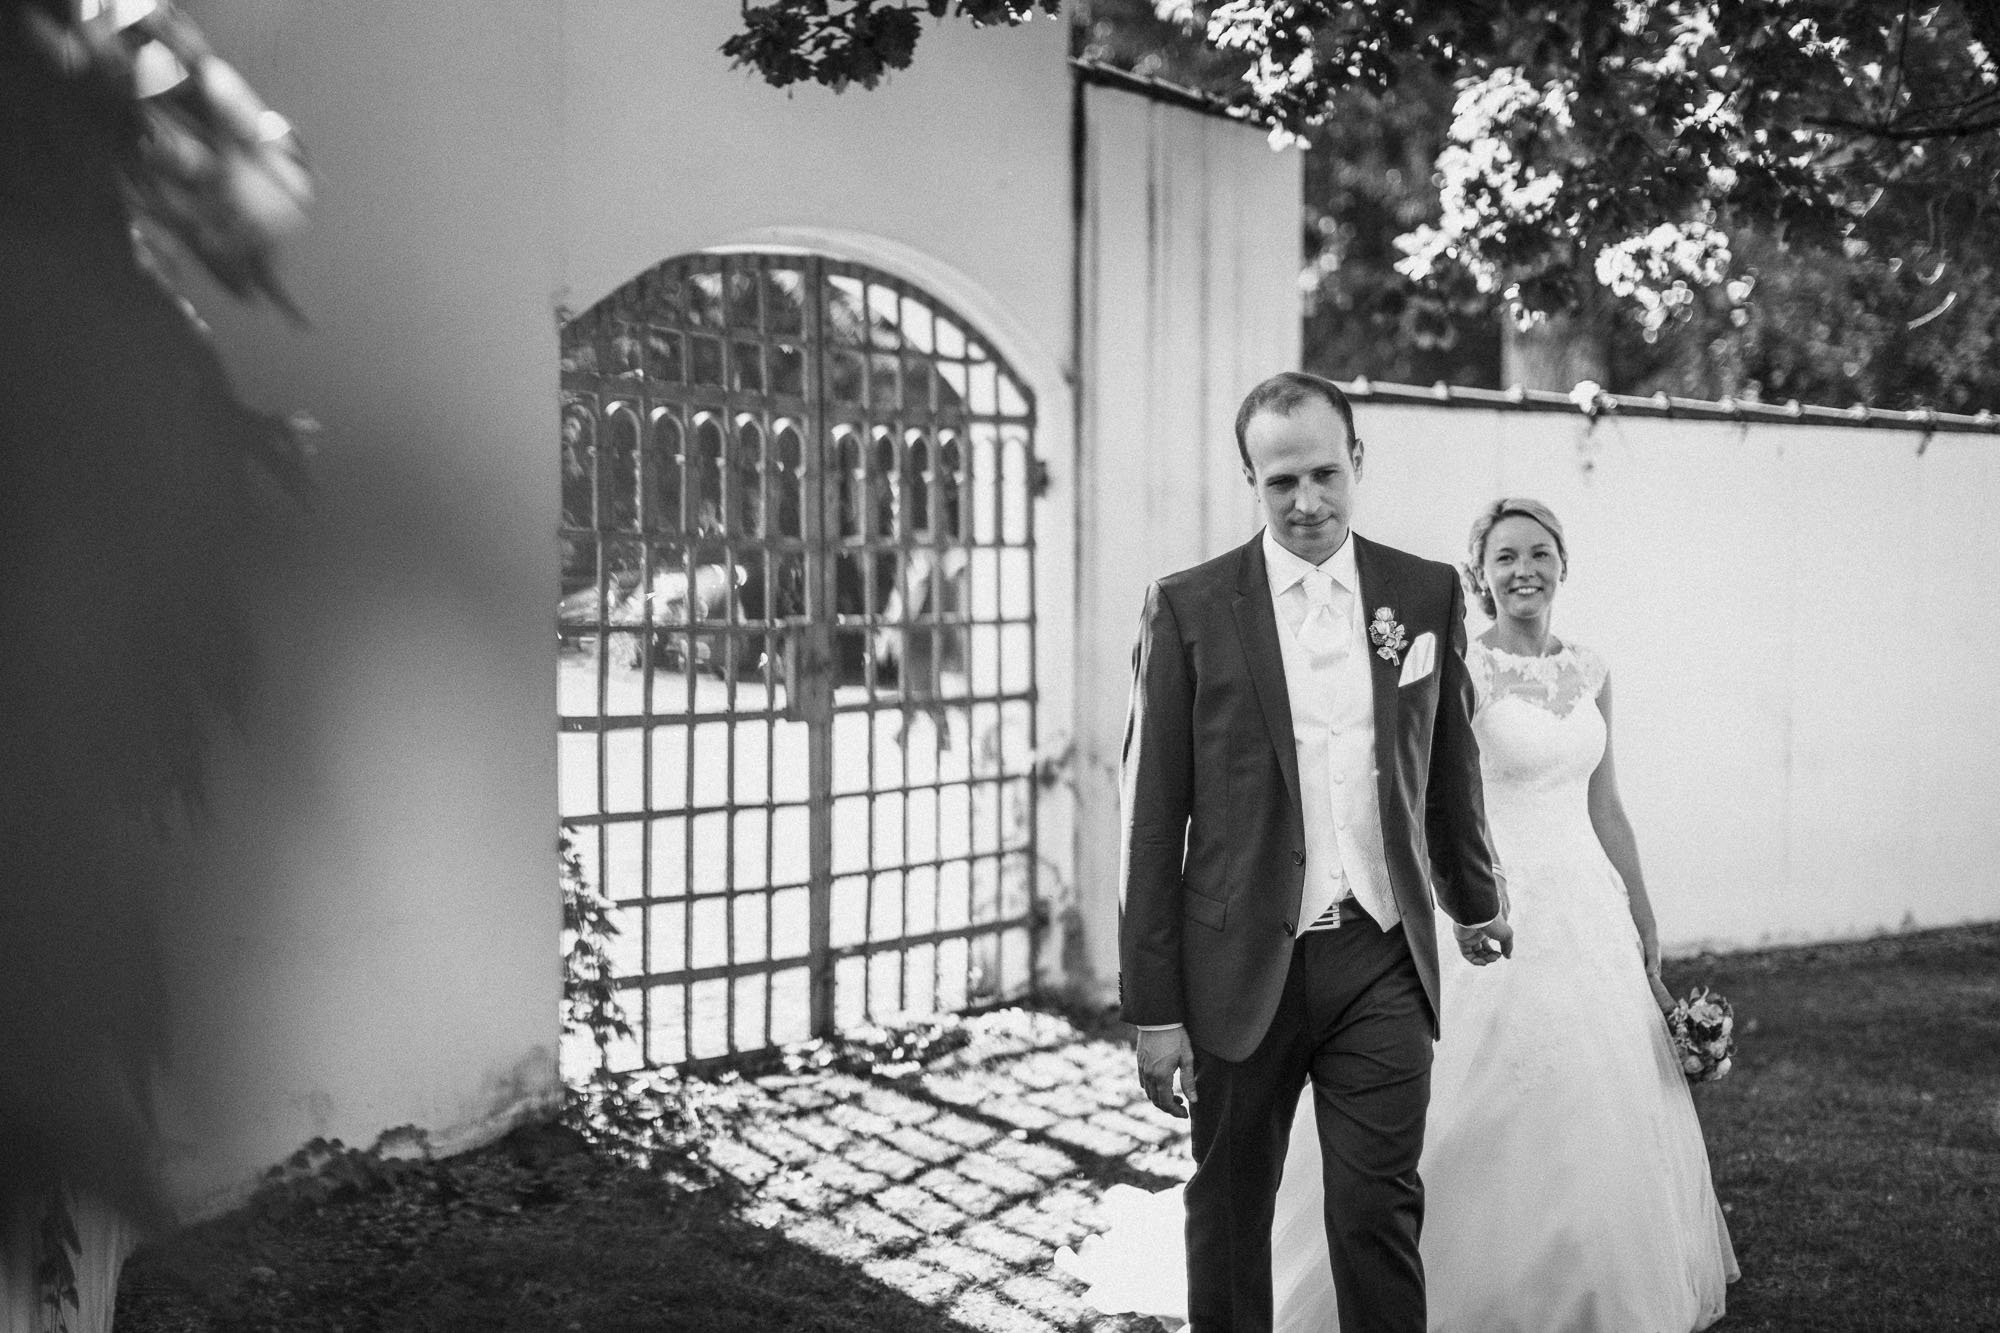 raissa simon photography destination wedding munich bayern schloss hohenkammer 041 - Andi + Joni